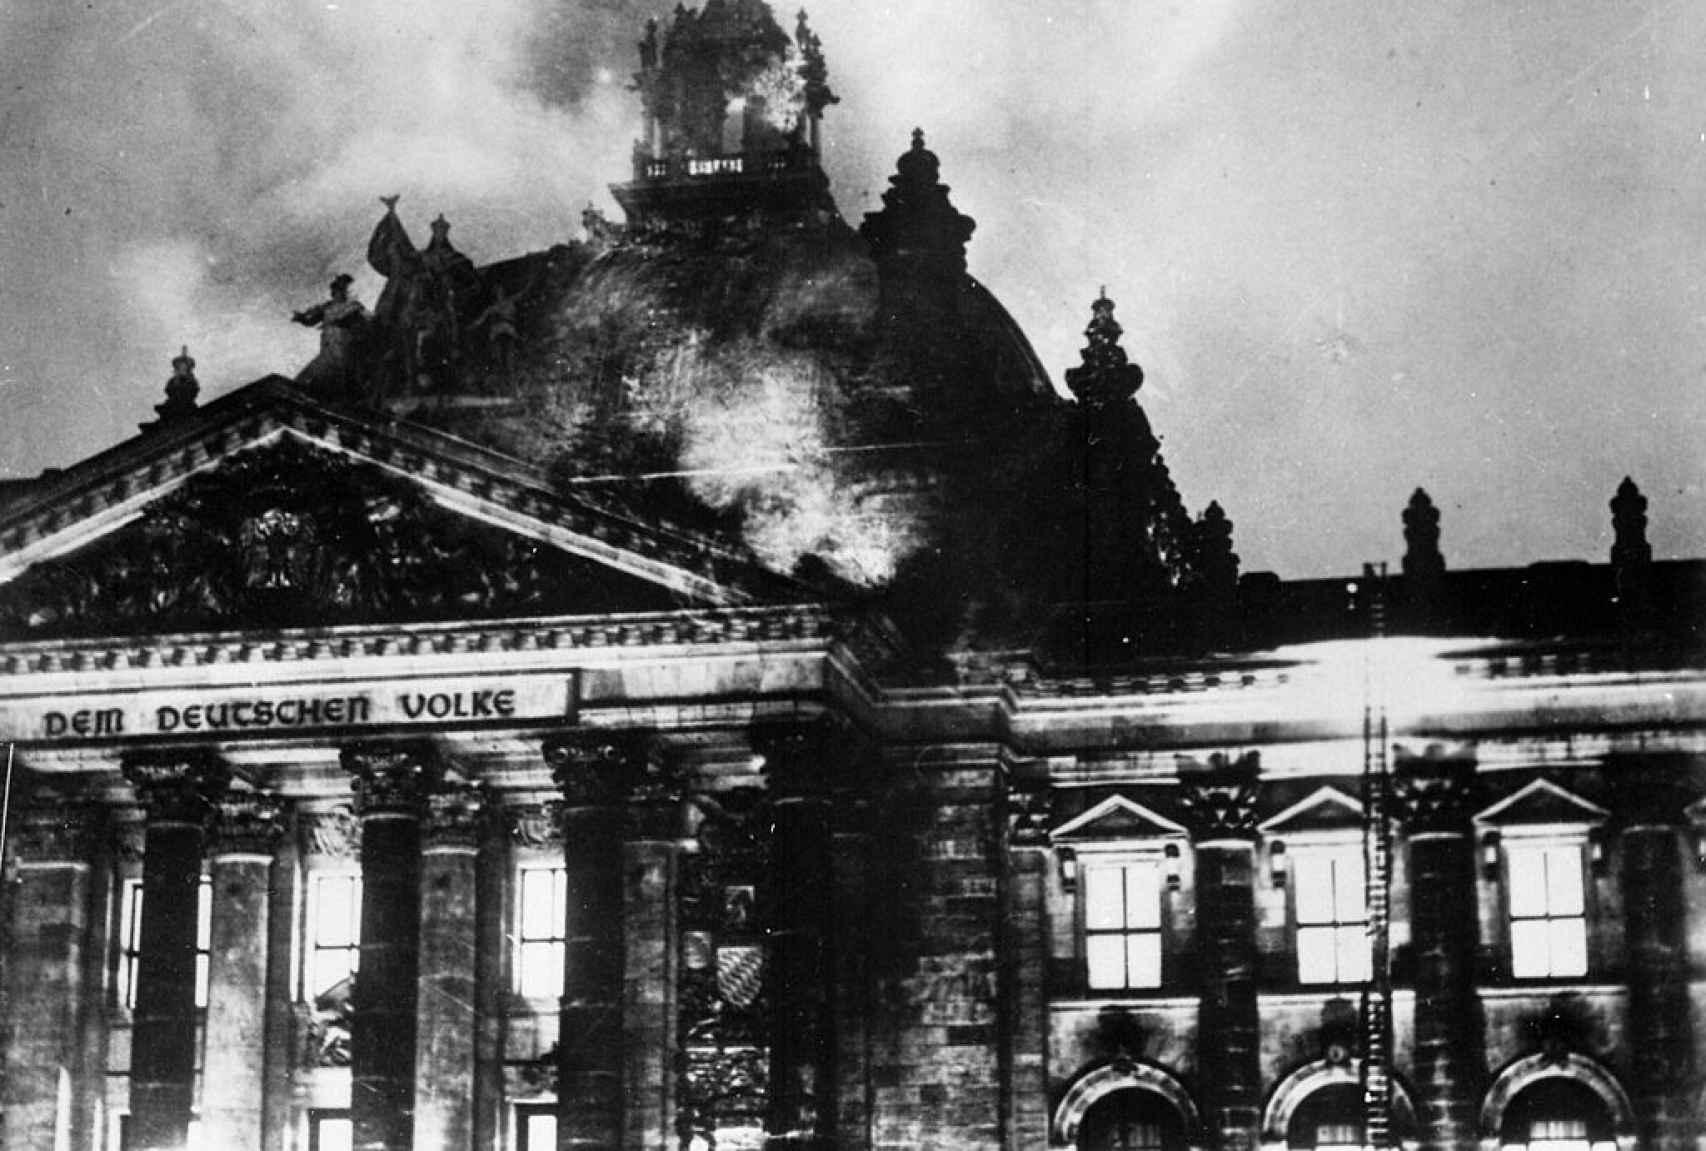 Incendio del Reicshtag el 27 de febrero e 1933.